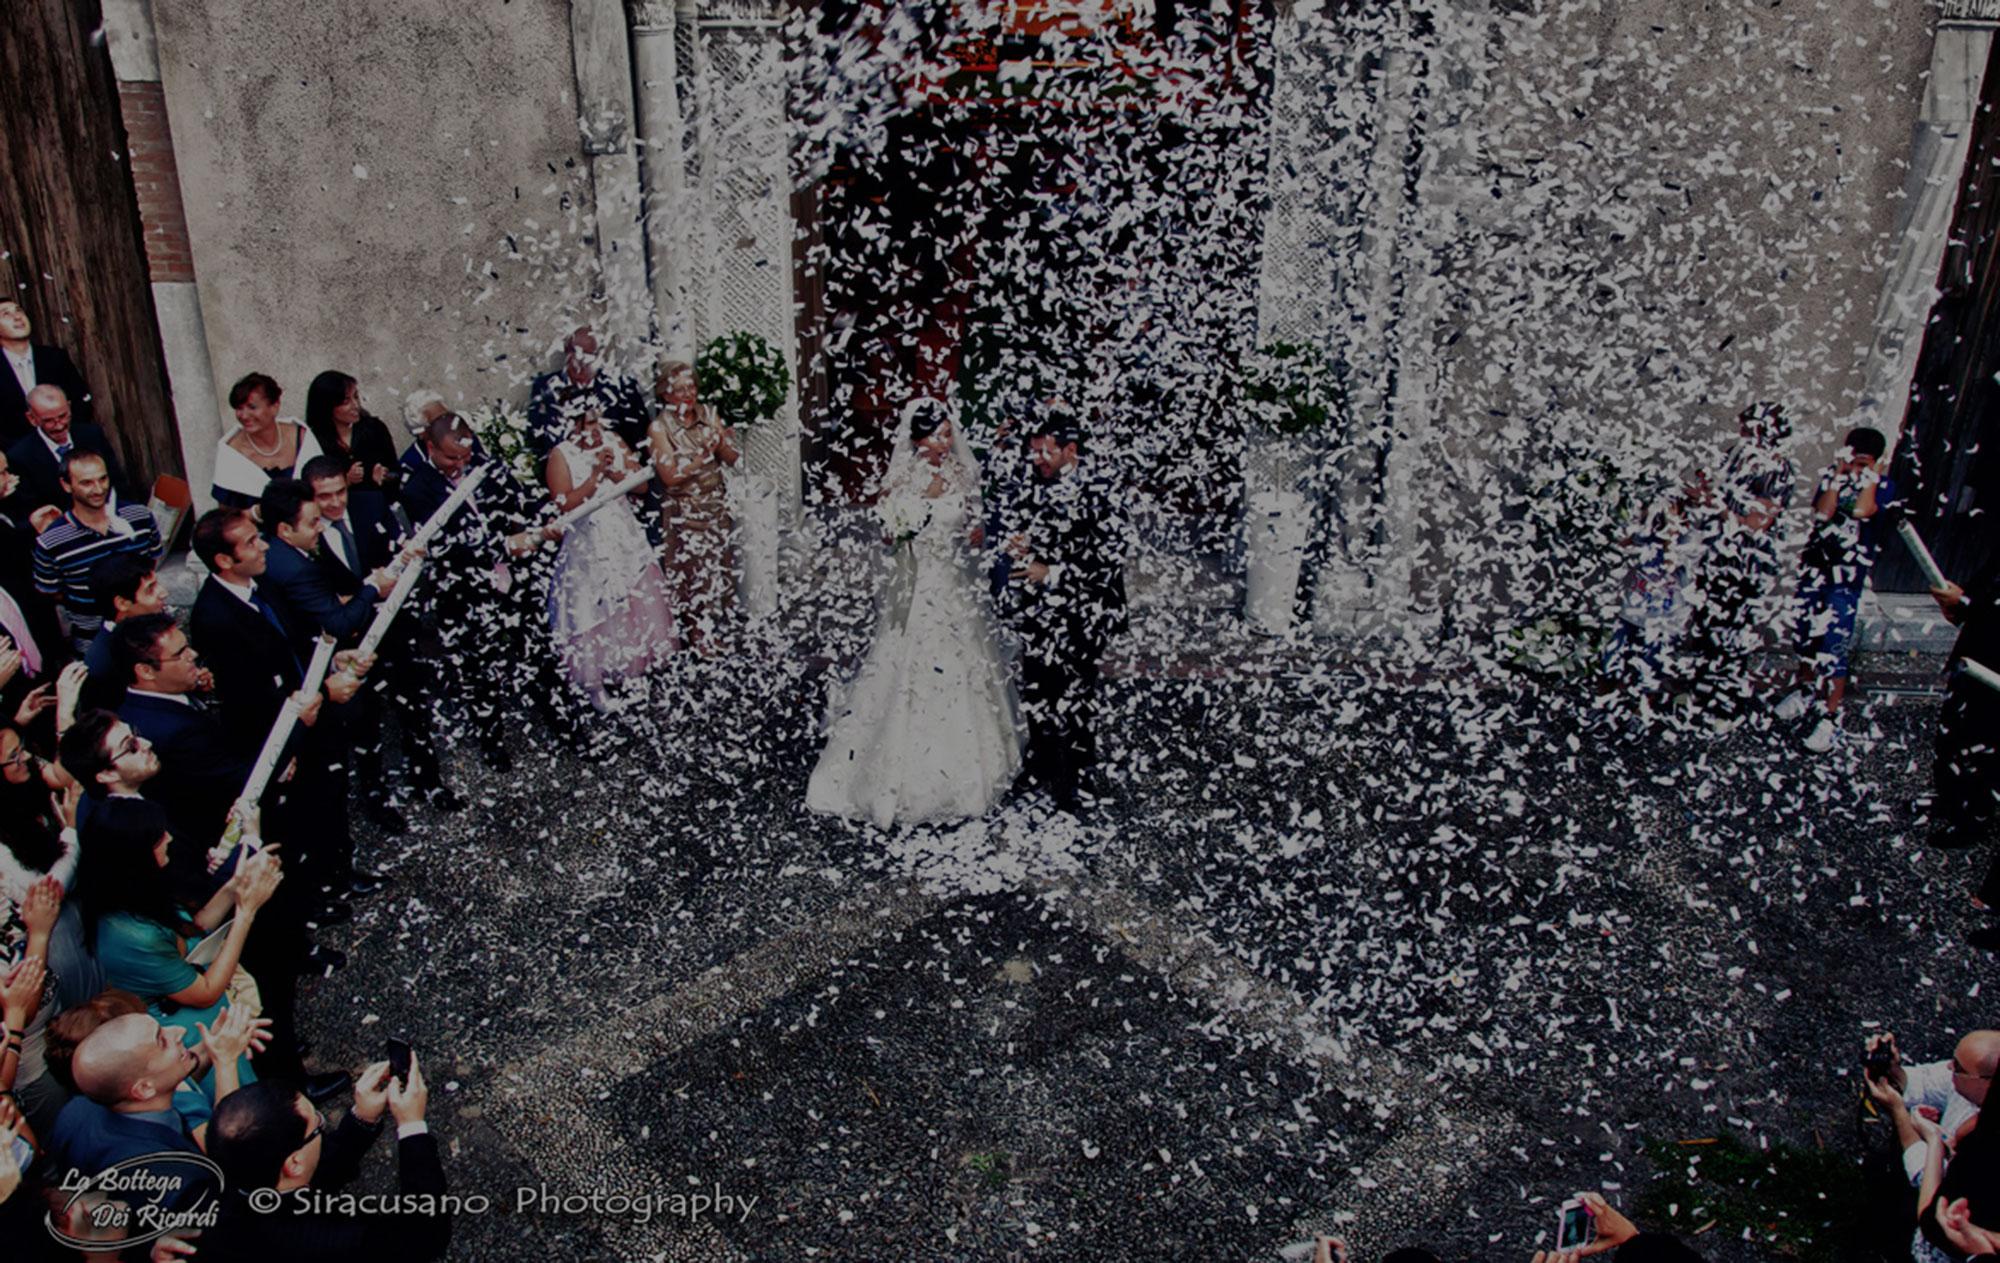 Fotografo Matrimonio La Bottega dei Ricordi Messina - Matrimonio Dario e Caterina